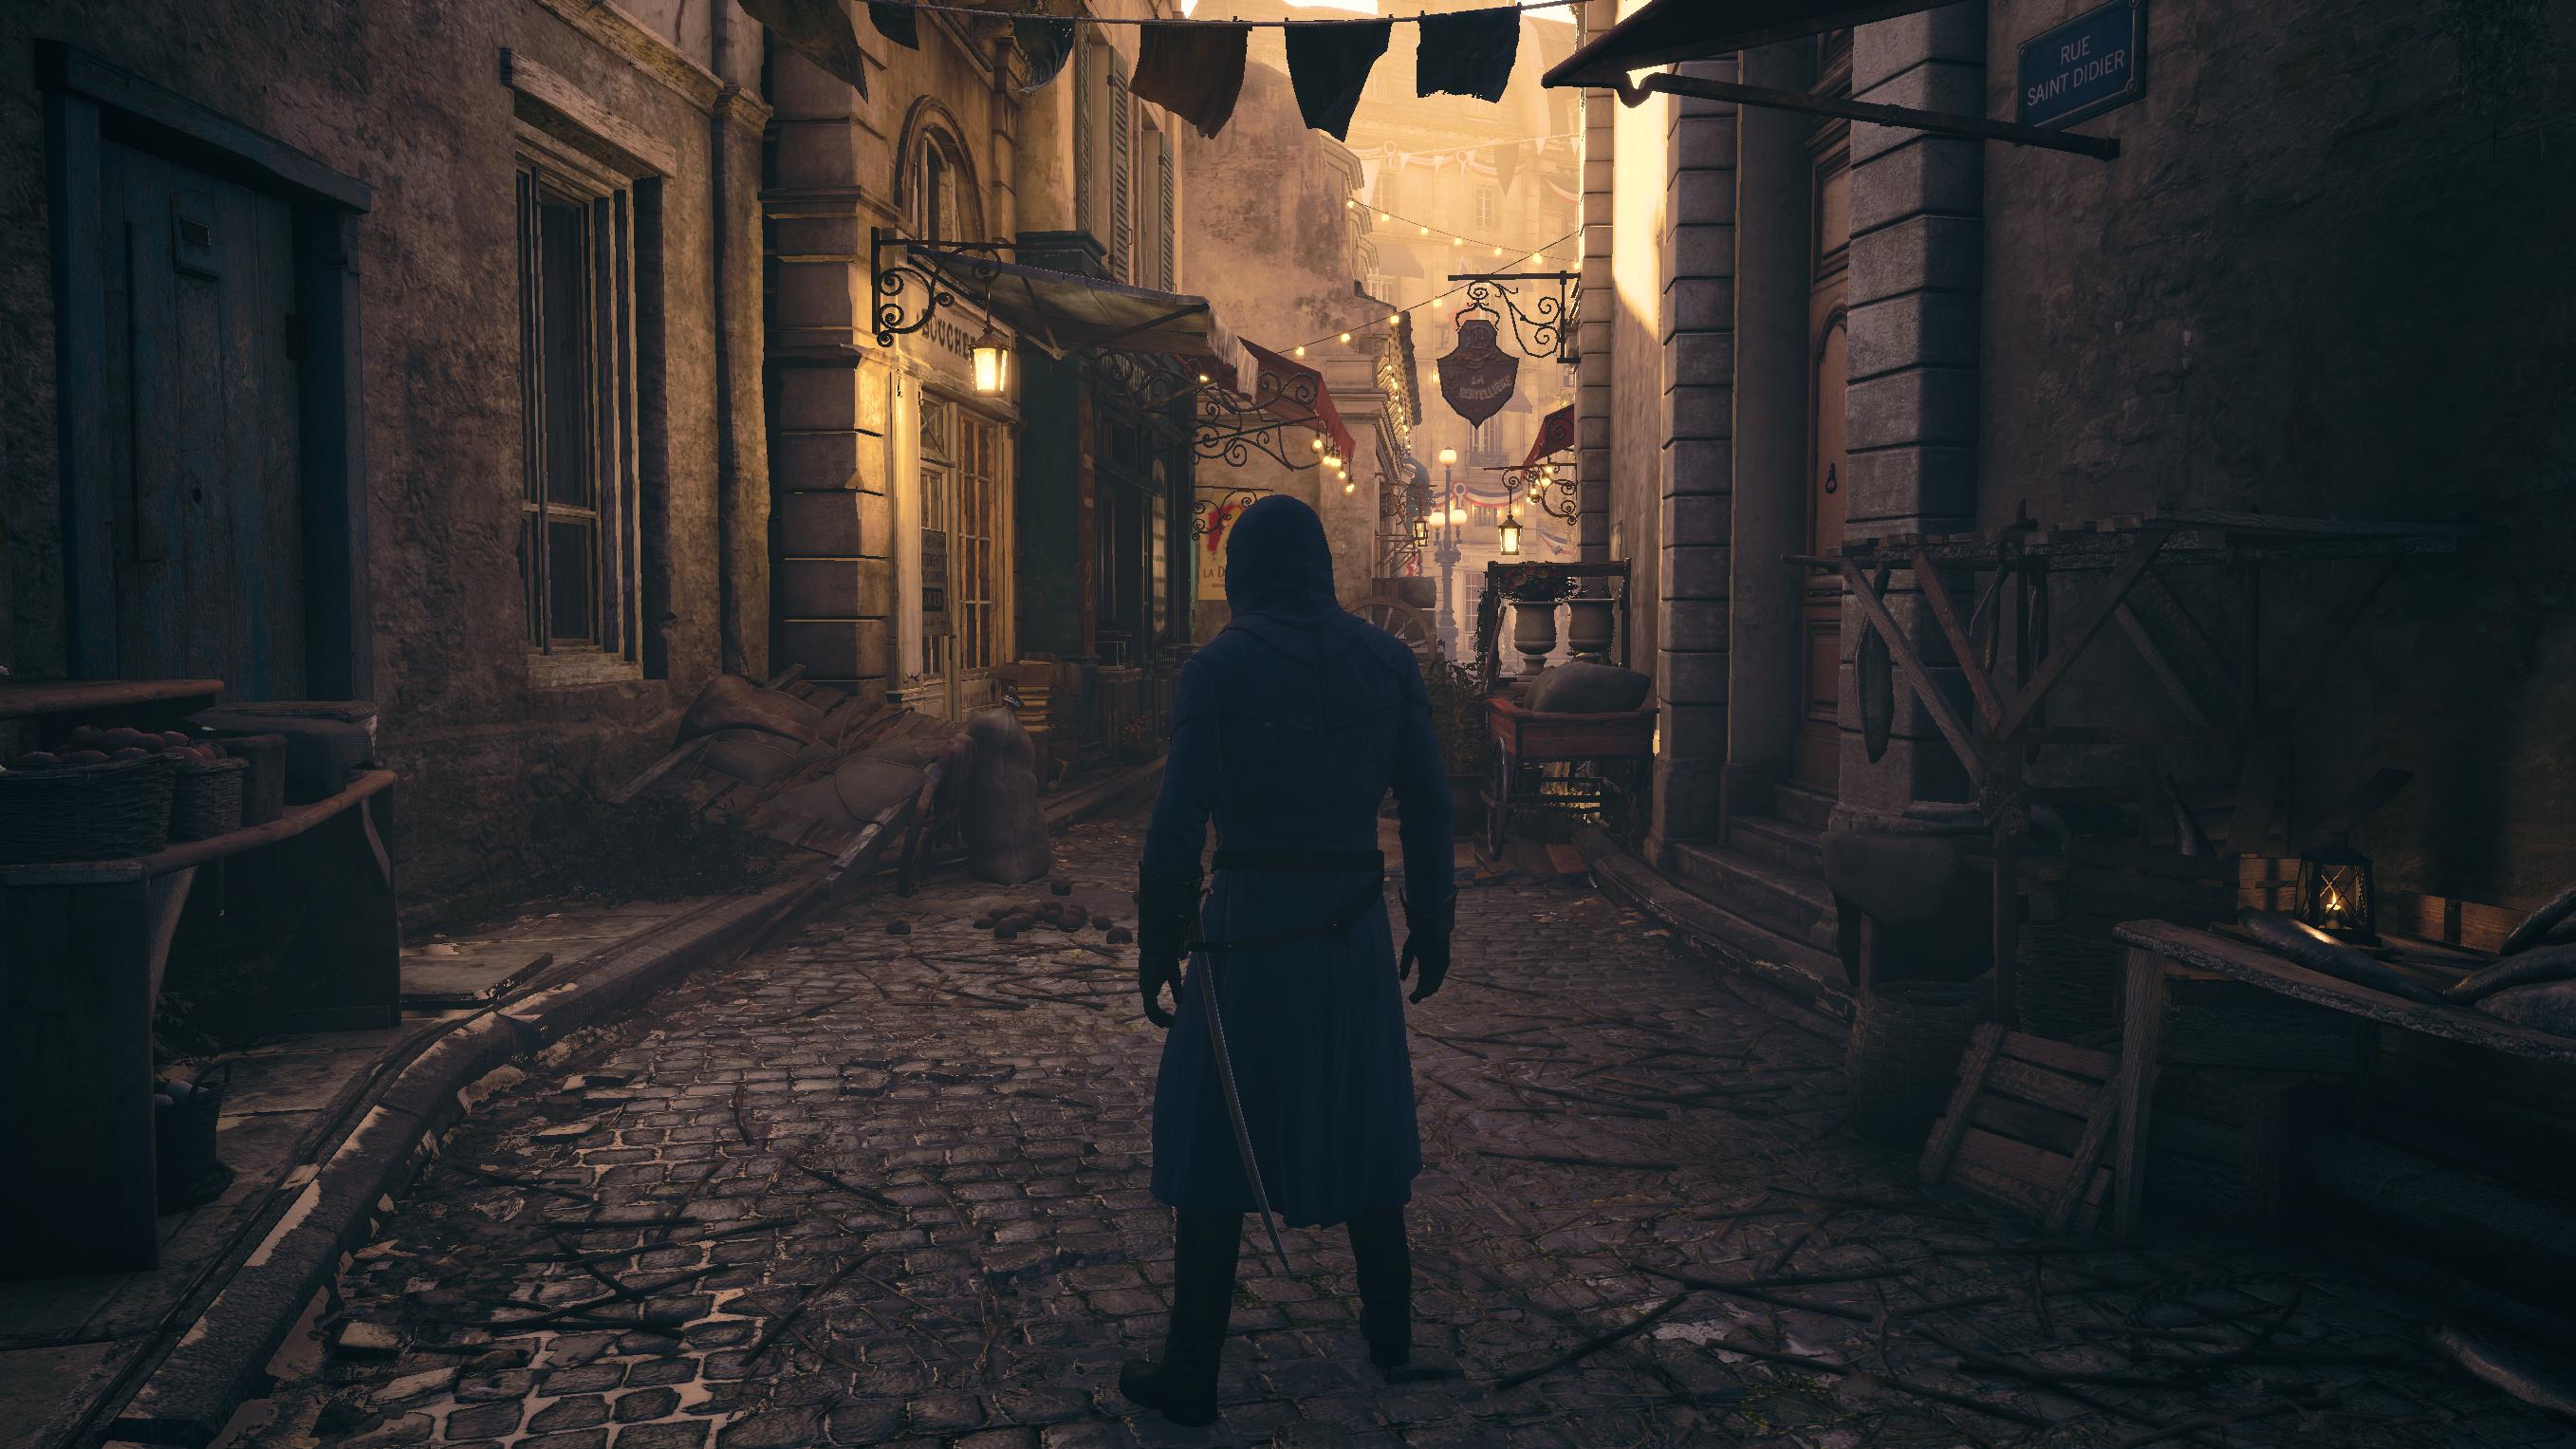 [Primeiras Impressões] Assassin's Creed Unity 15592993970_be8de26a77_o